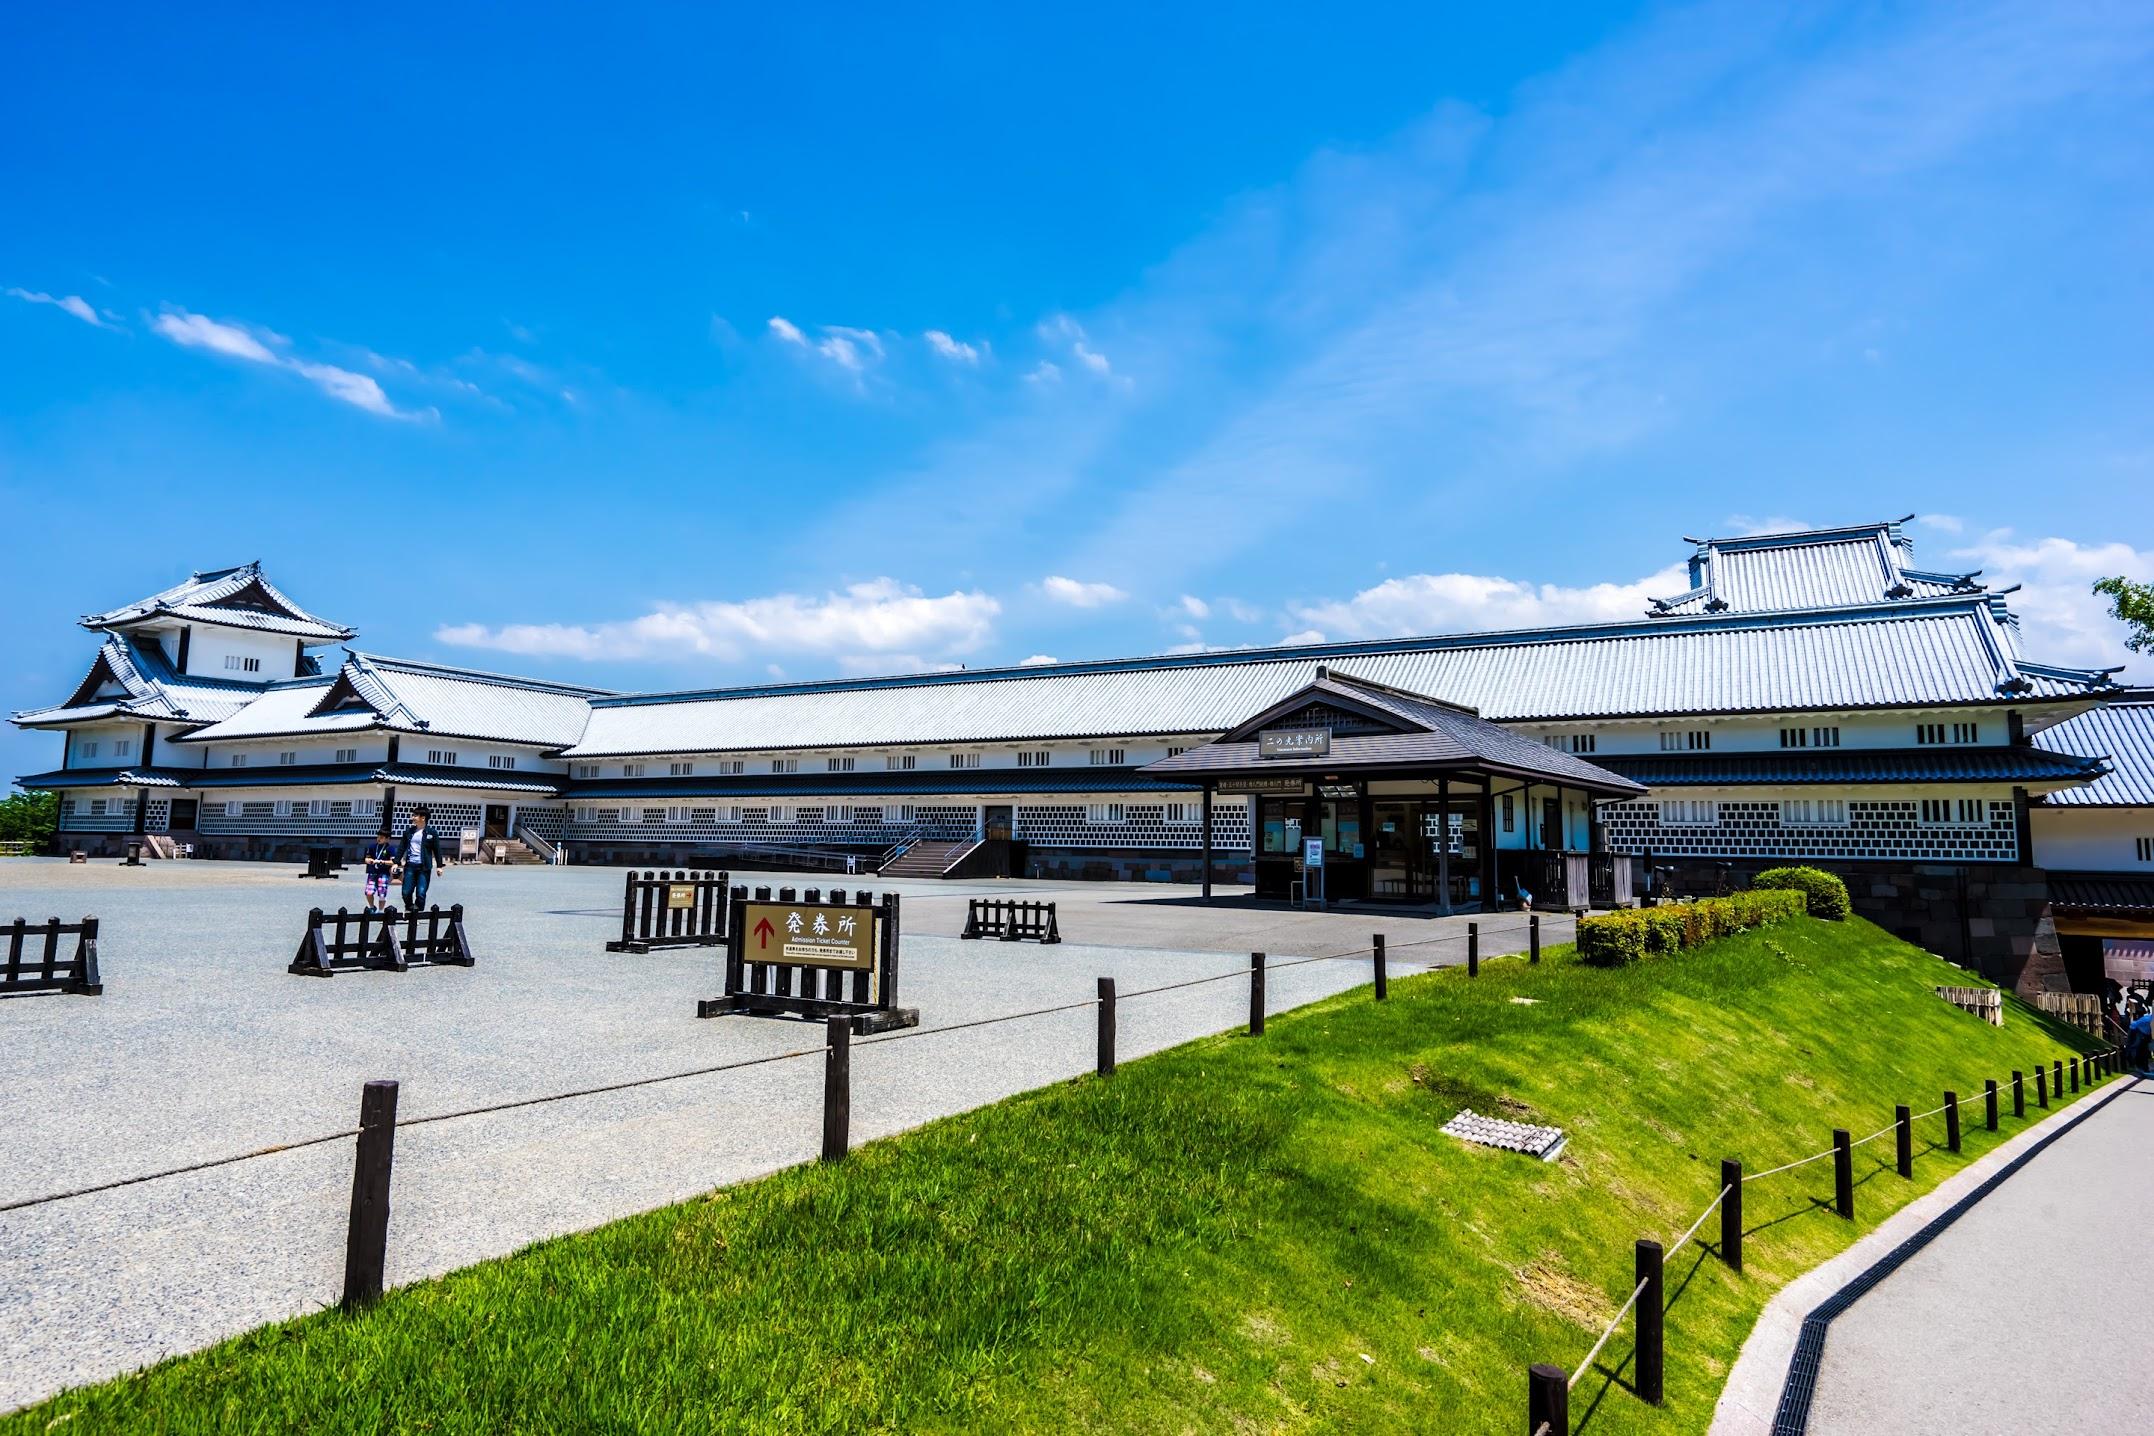 金沢城公園 菱櫓・五十間長屋・橋爪門続櫓2